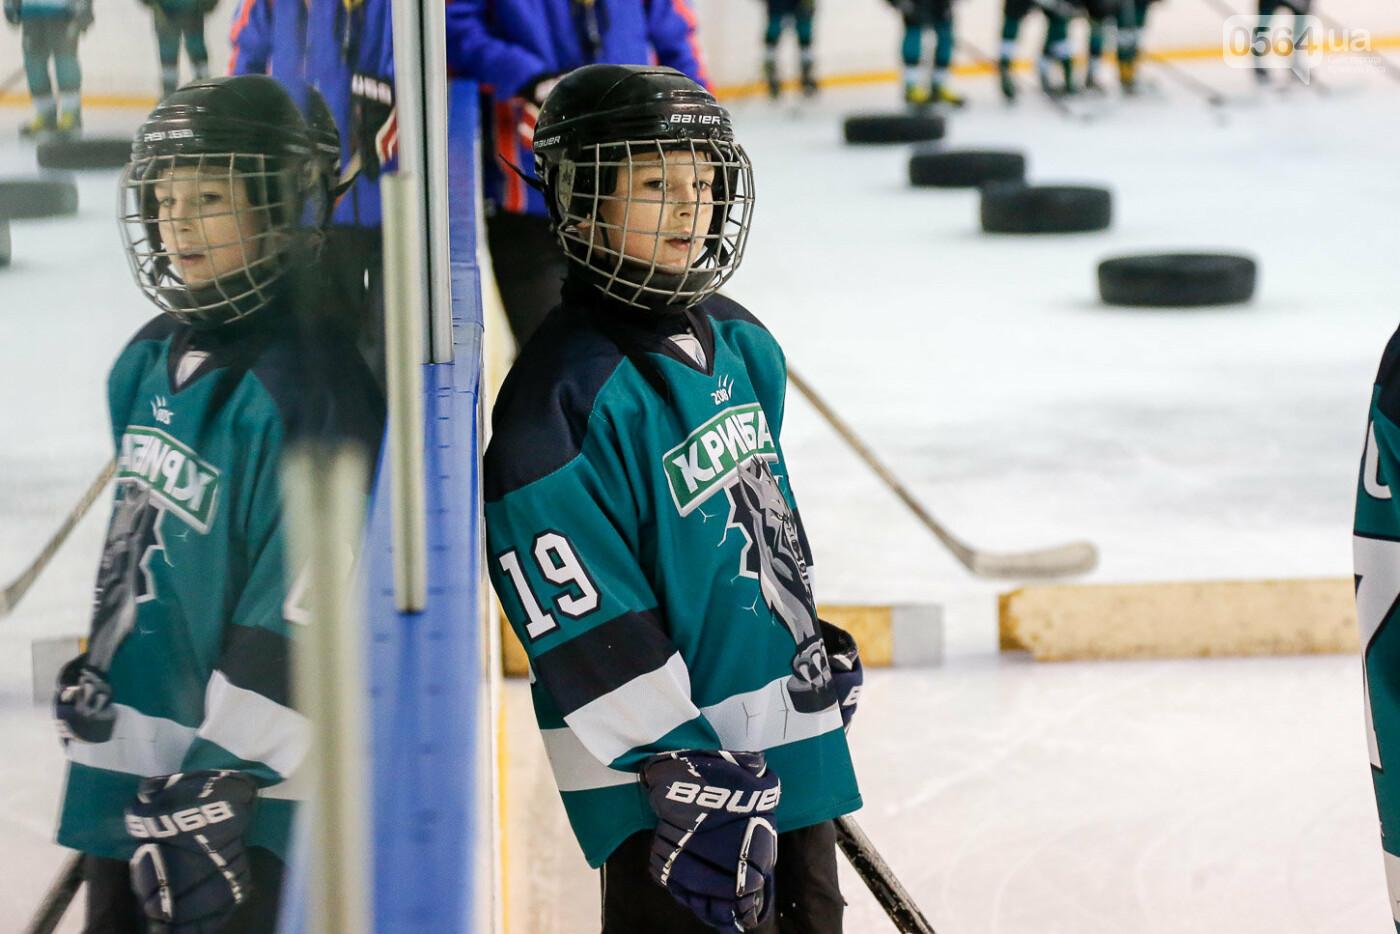 Звезды украинского хоккея провели открытую тренировку в Кривом Роге, фото-6